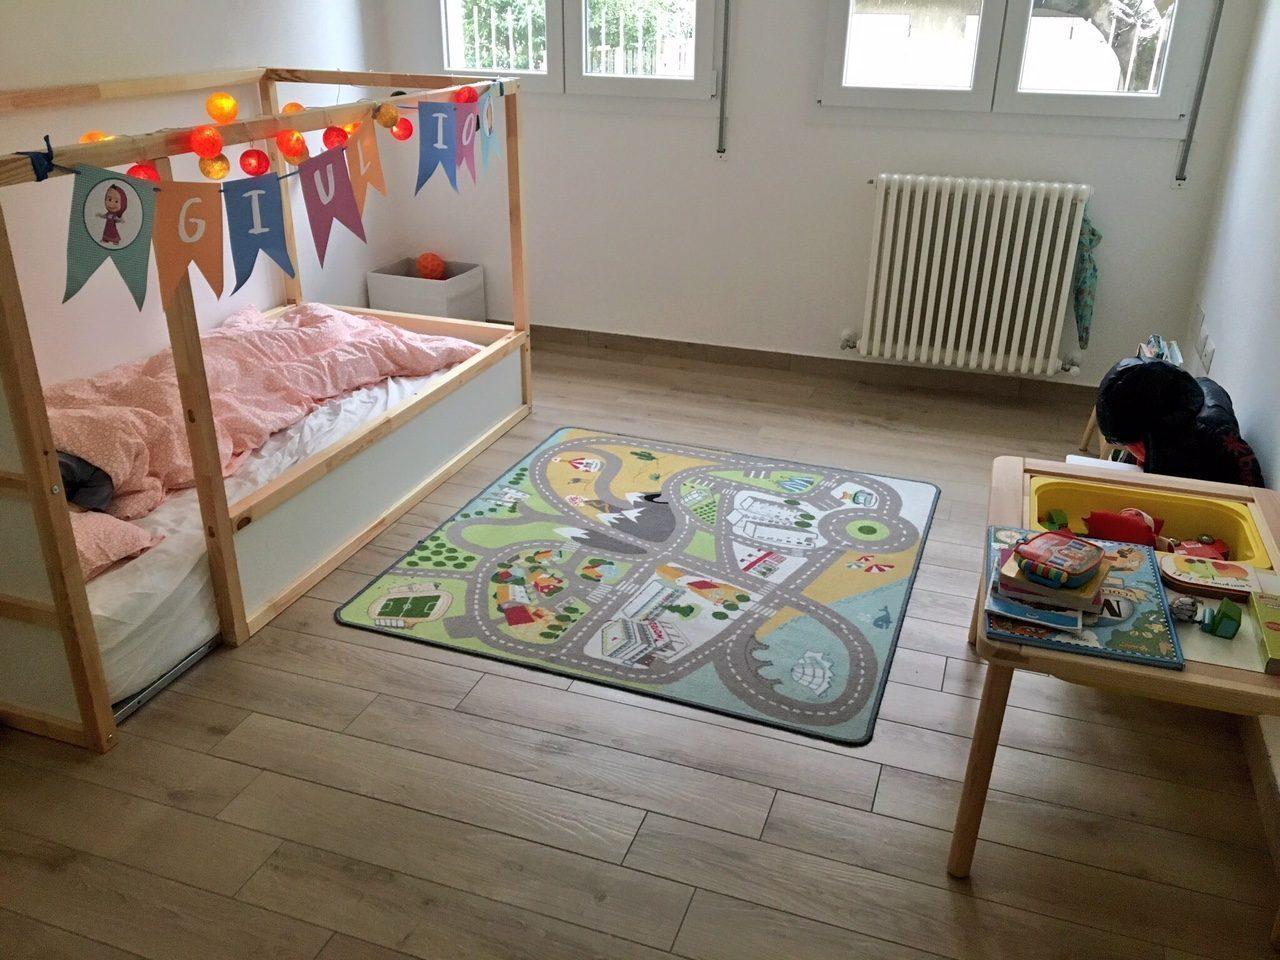 Costruire Un Letto Per Bambini : Letto montessoriano per bambini come crearlo con ikea a basso costo